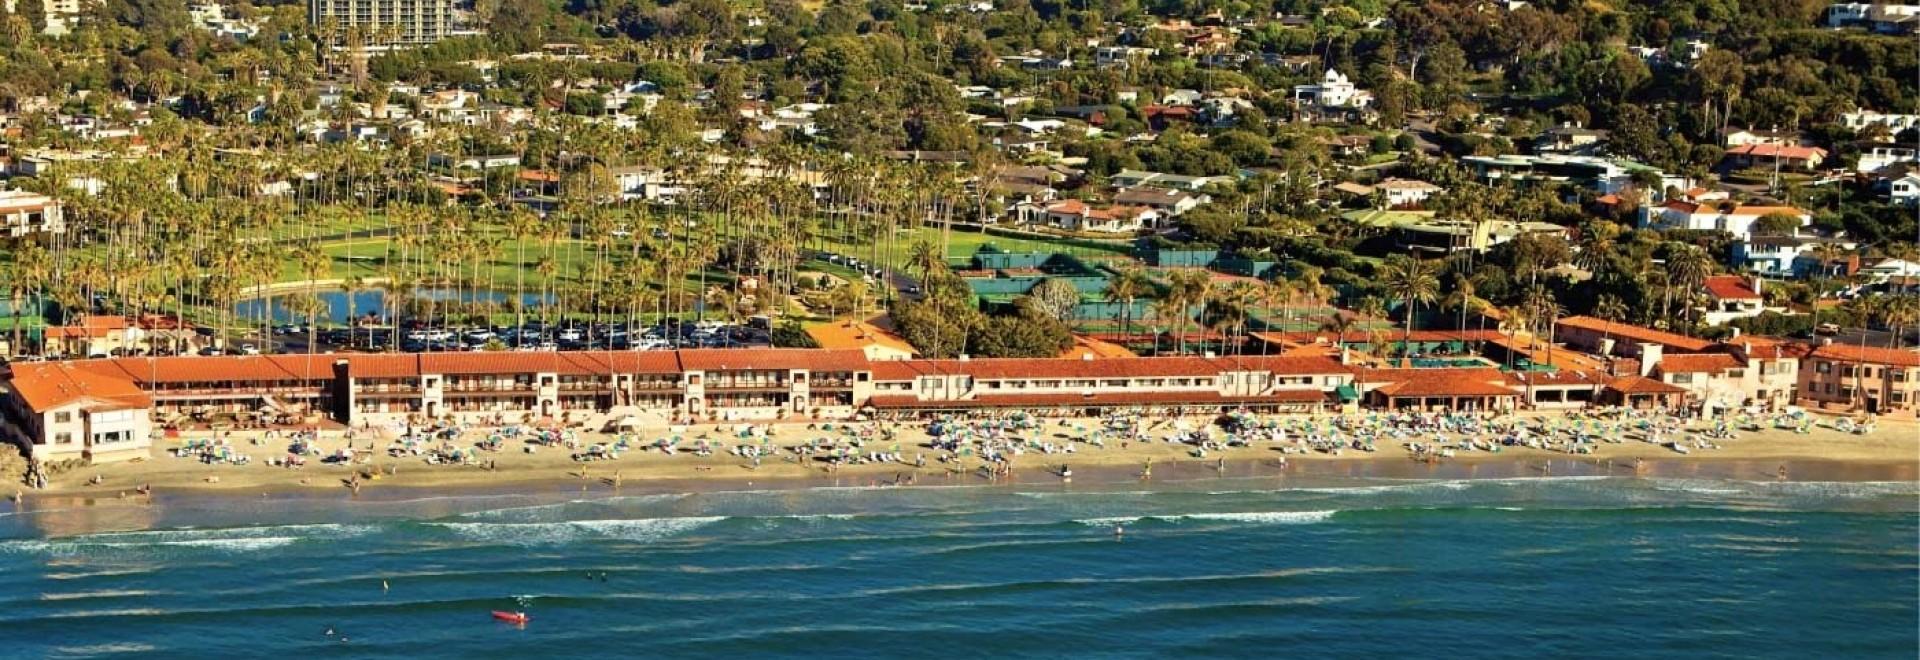 La Jolla Beach Tennis Club California